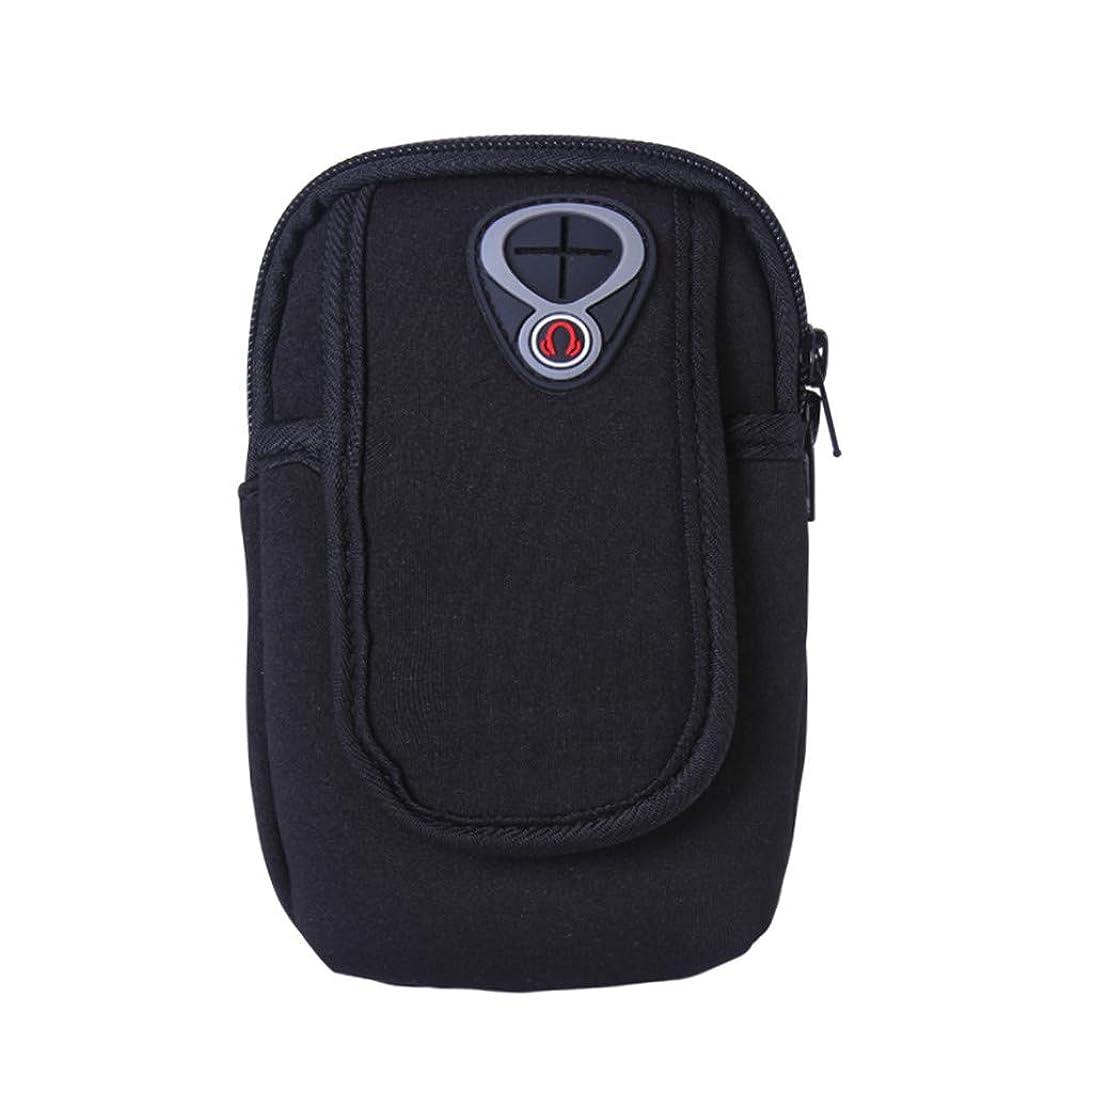 媒染剤精神的にサイバースペーススマートフォンホルダー 携帯ケース YOKINO 通気性抜群 小物収納 防水防汗 軽量 縫い目なし 調節可能 男女共用